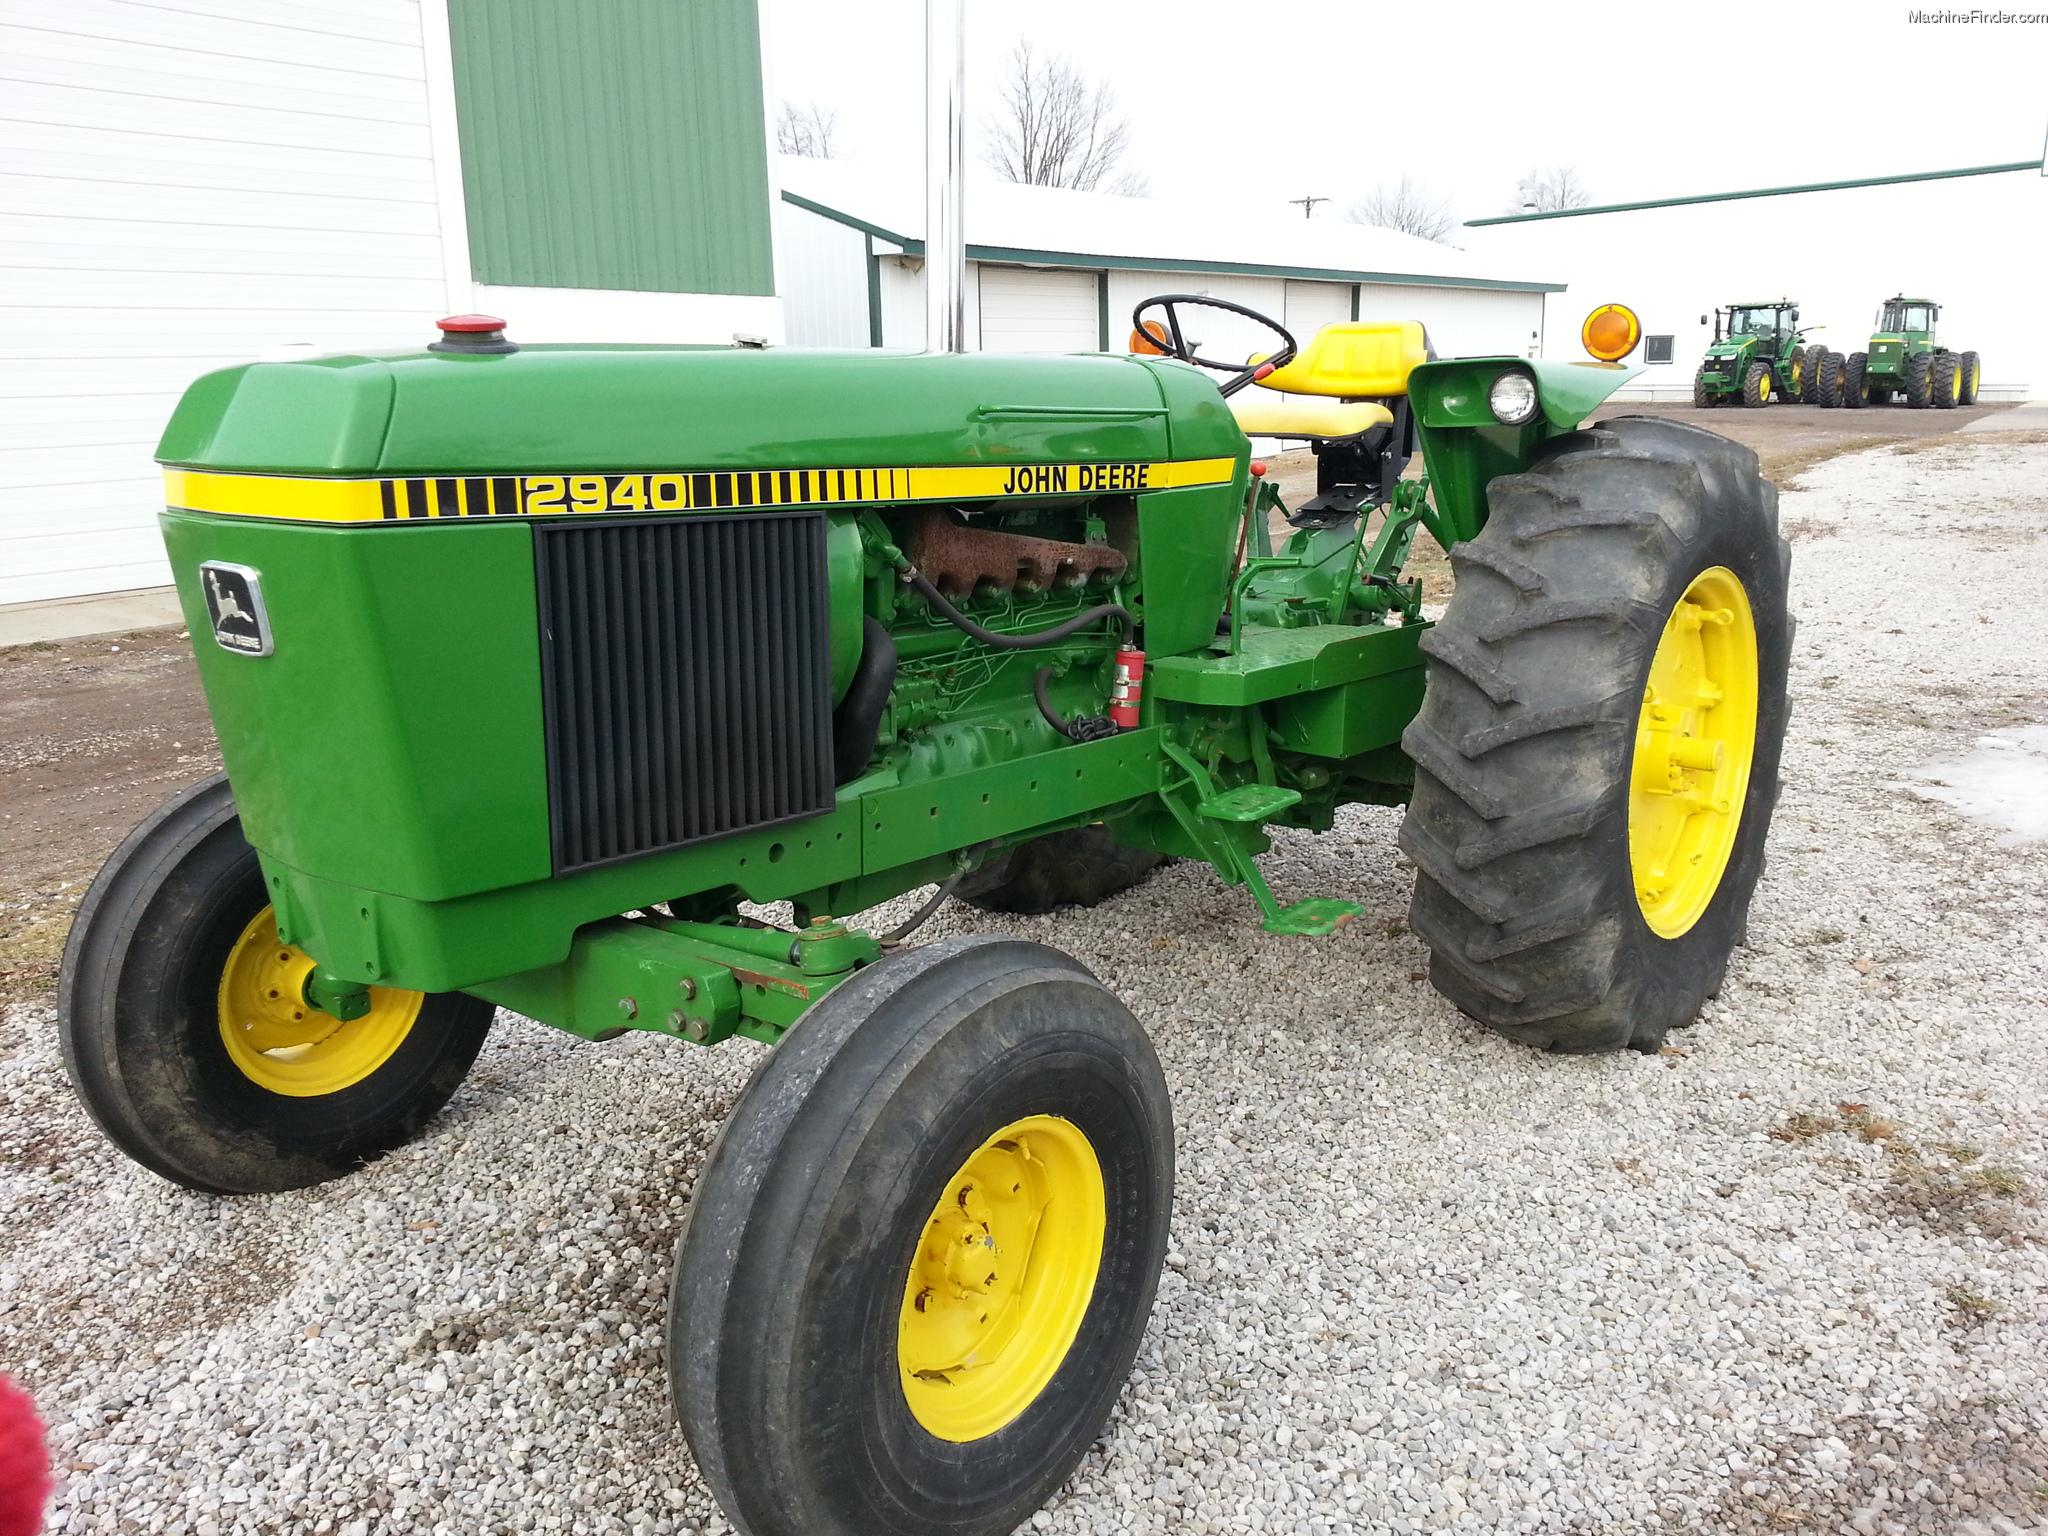 1981 John Deere 2940 Tractors - Row Crop (+100hp) - John ...